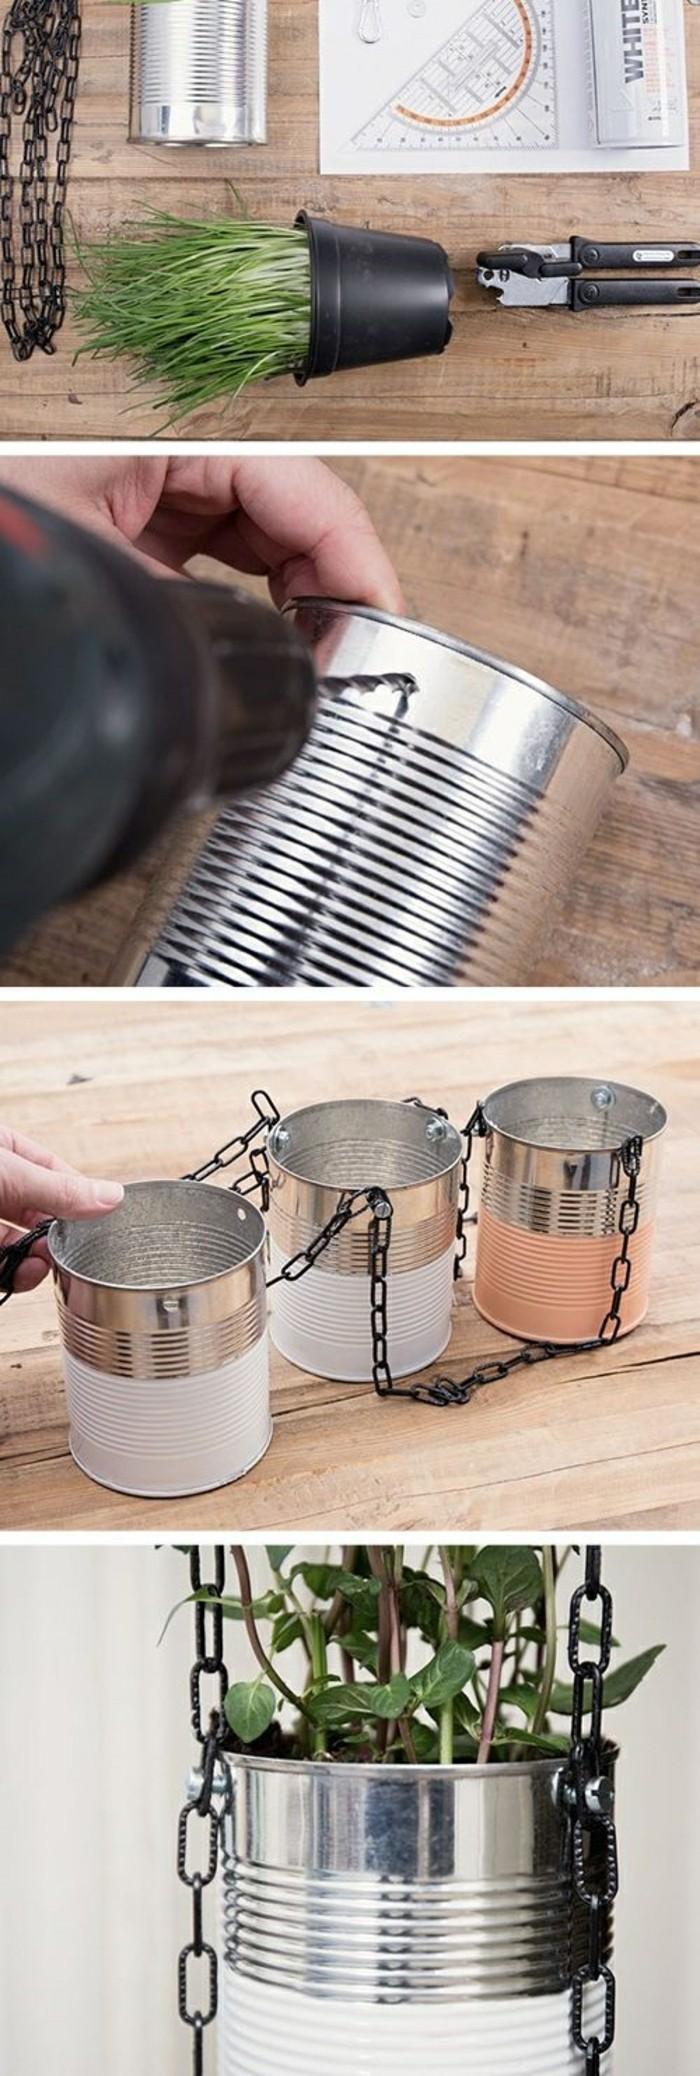 idée bricolage facile avec canettes, faire des trous sur une boîte conserve, fabriquer une suspension florale en canette